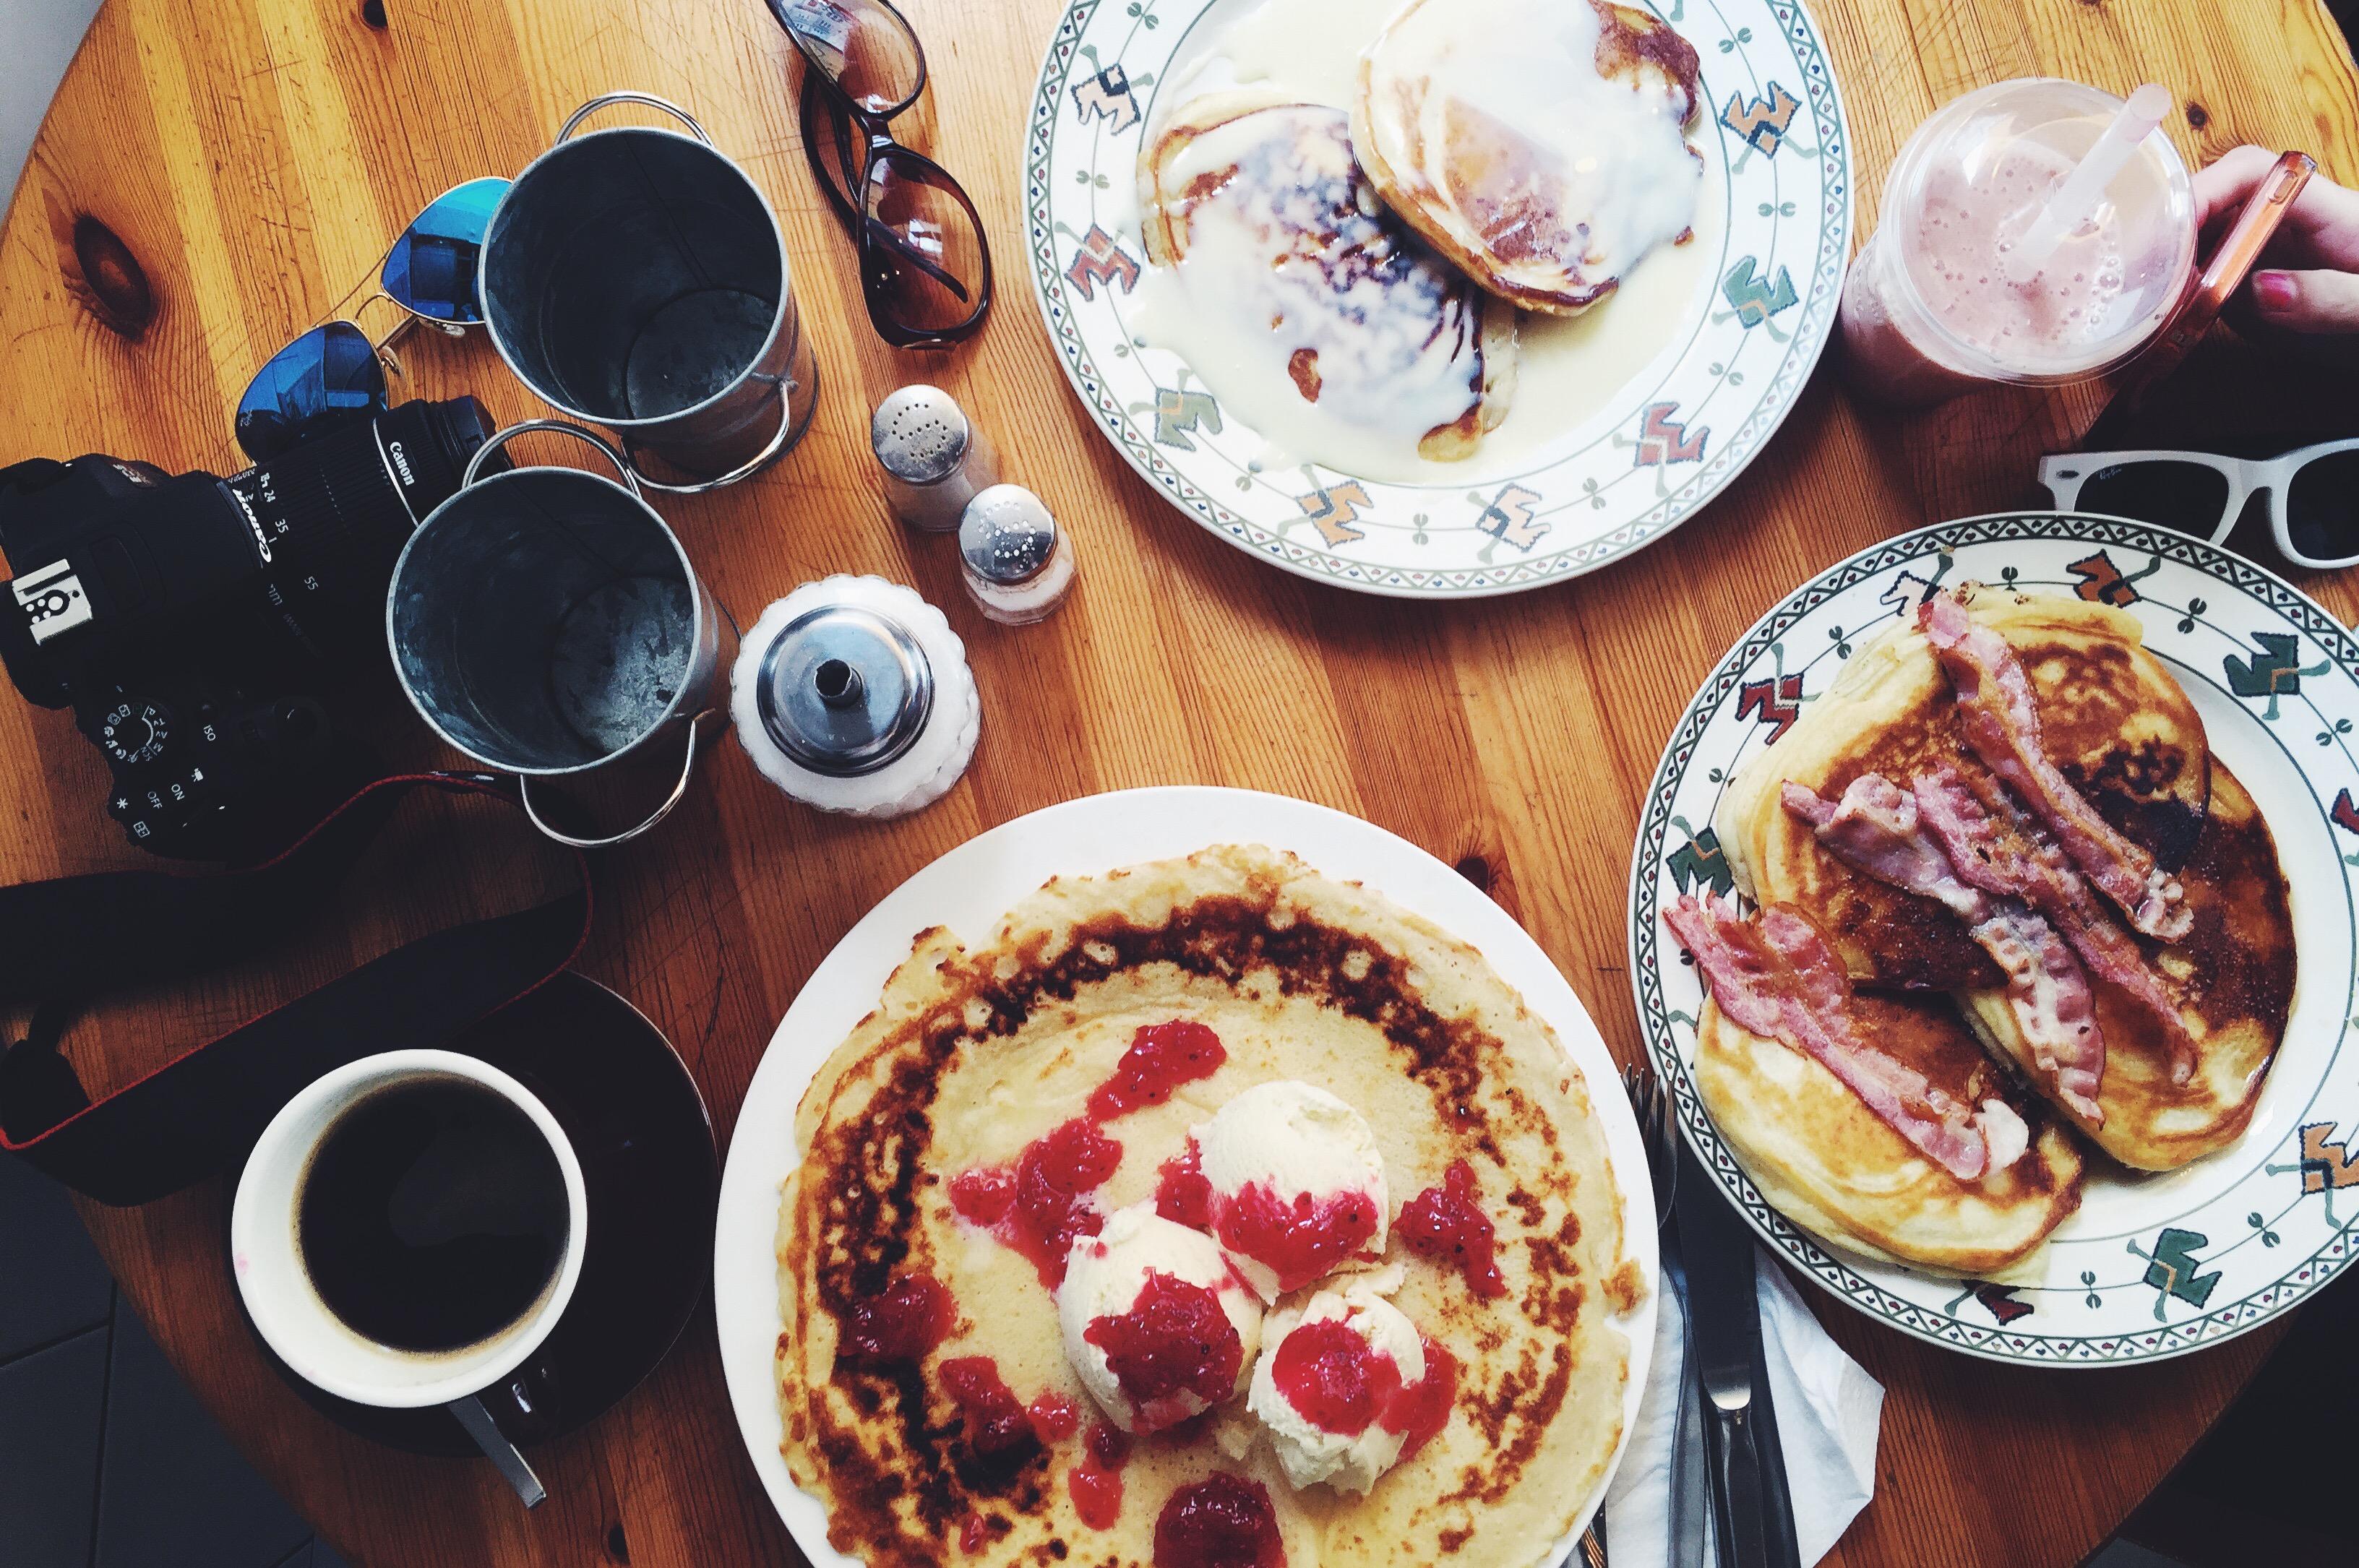 A Western-style breakfast.